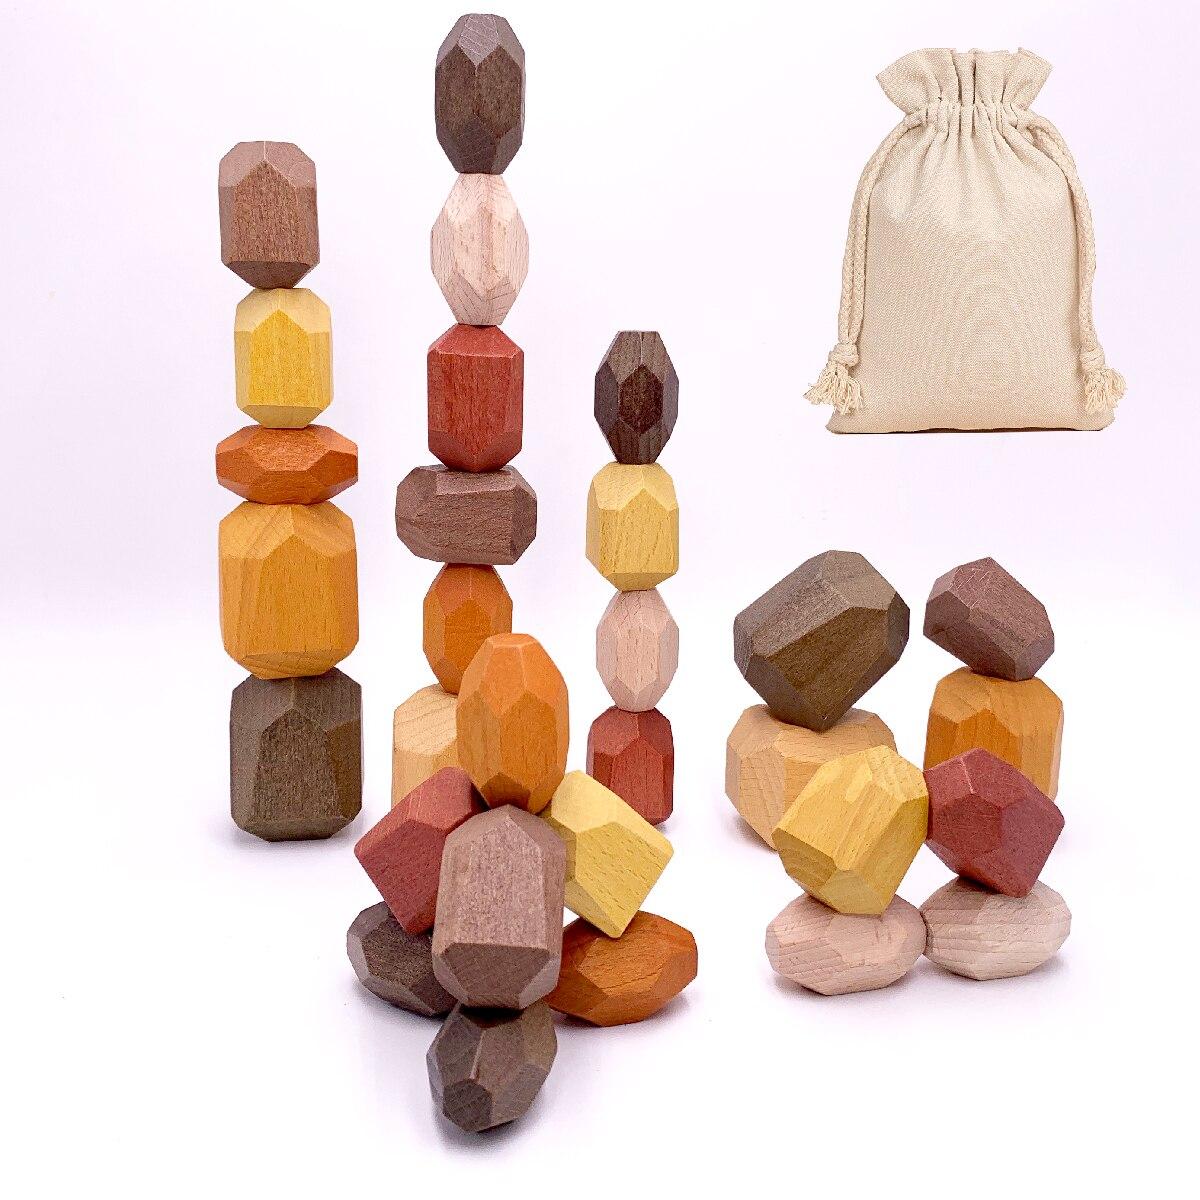 2020 bois empilage jouet roches pierres Tumi Ishi bois équilibrage empilé pierres Montessori jouet bloc couleur pierre livraison directe